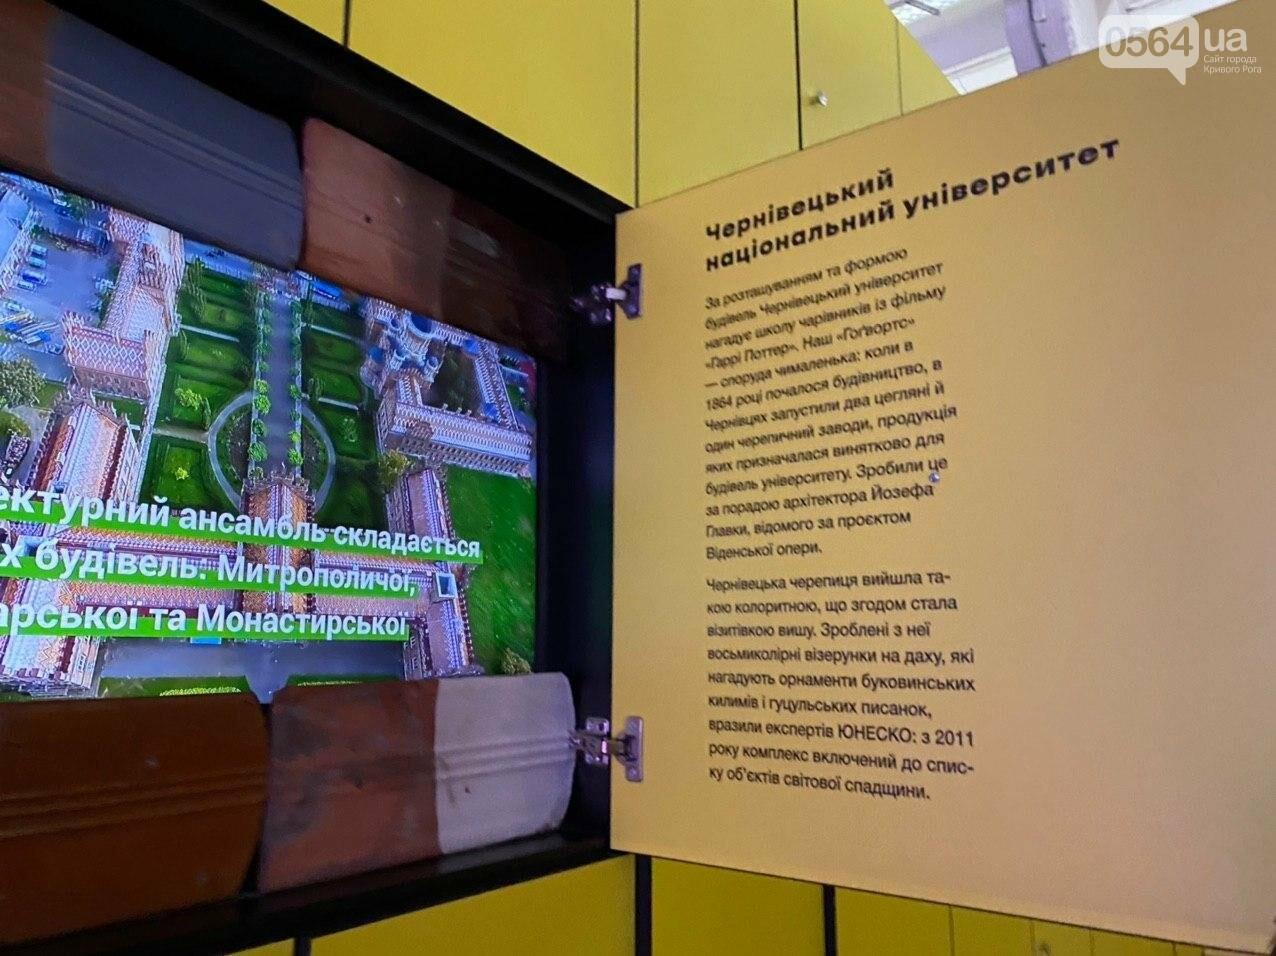 Ukraine WOW: что можно было узнать о Кривом Роге на интерактивной выставке, - ФОТО , фото-98